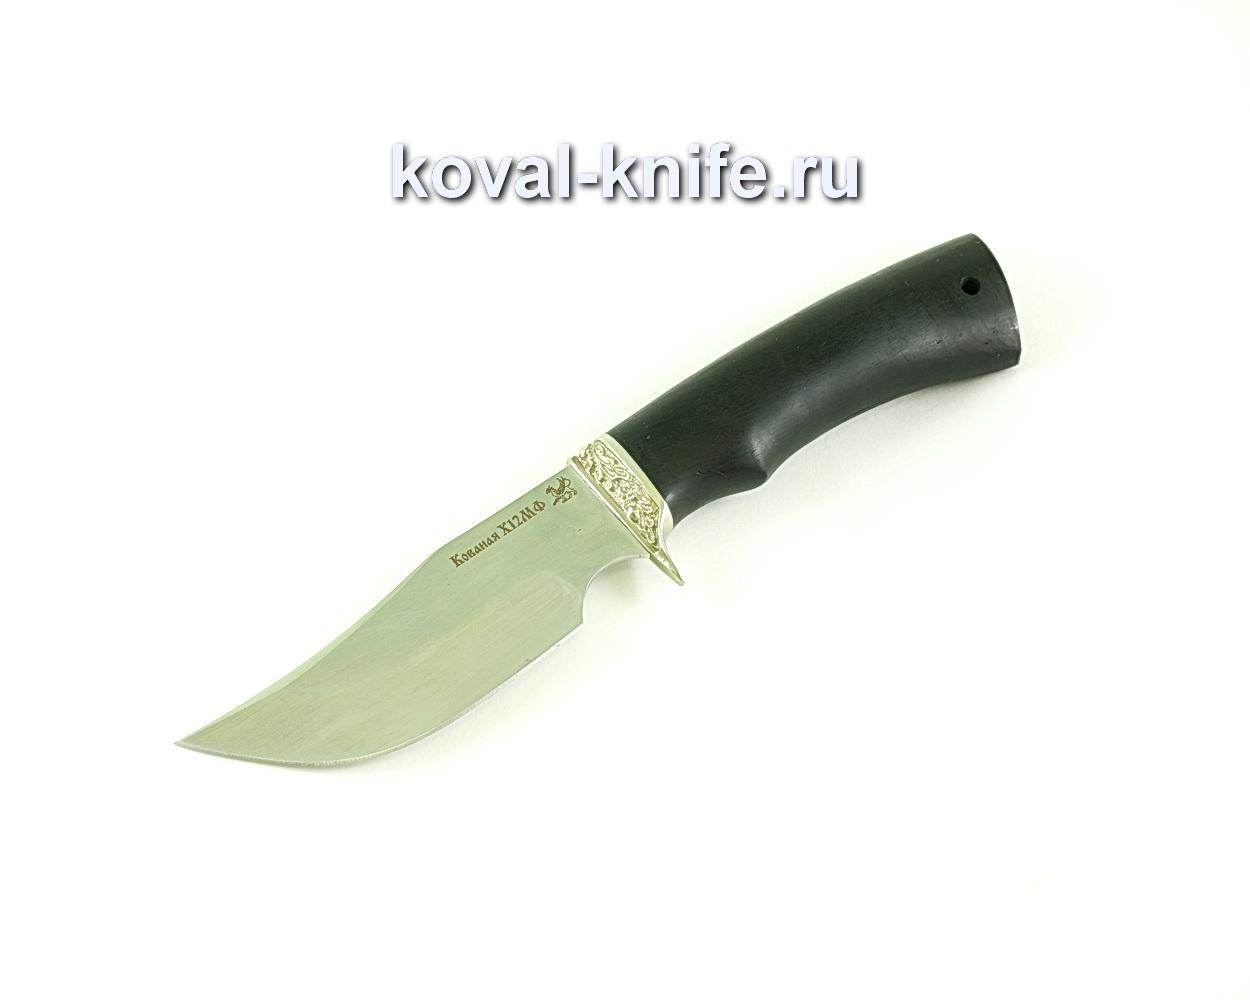 Нож Бекас (сталь х12мф), рукоять граб, литье A082